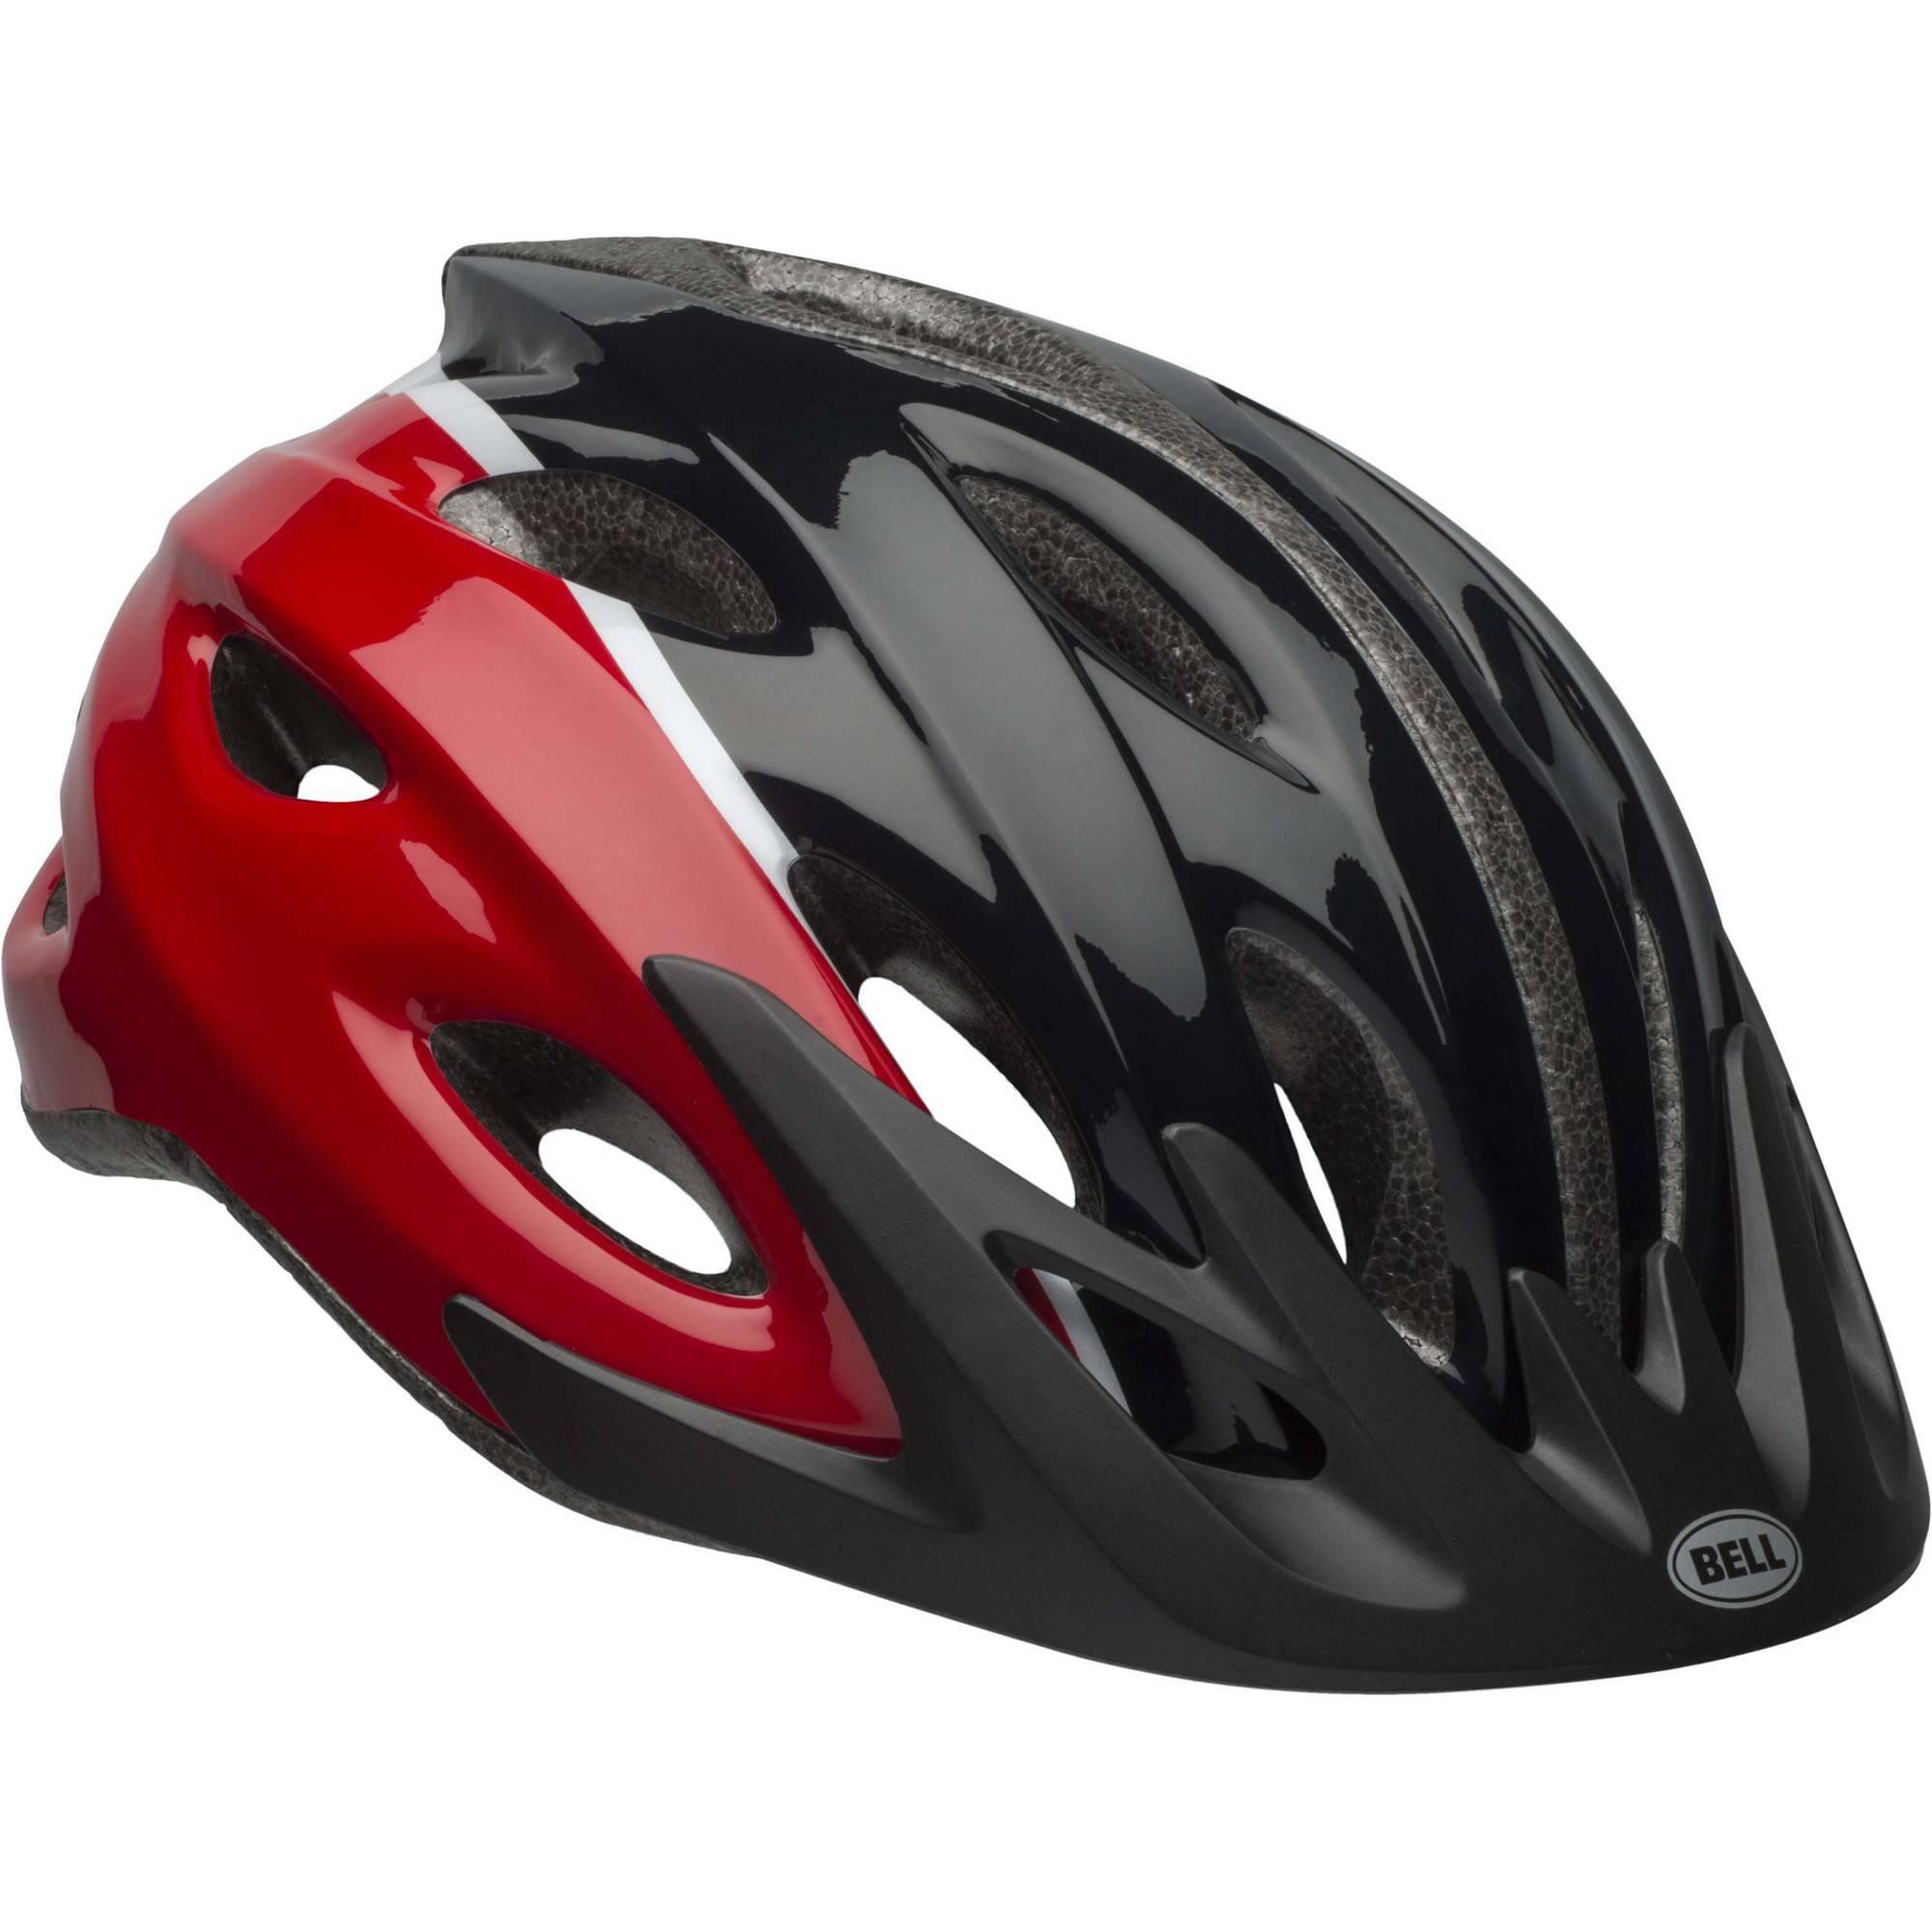 Bell Sports Ringer Slate Adult Bike Helmet, Red/Black